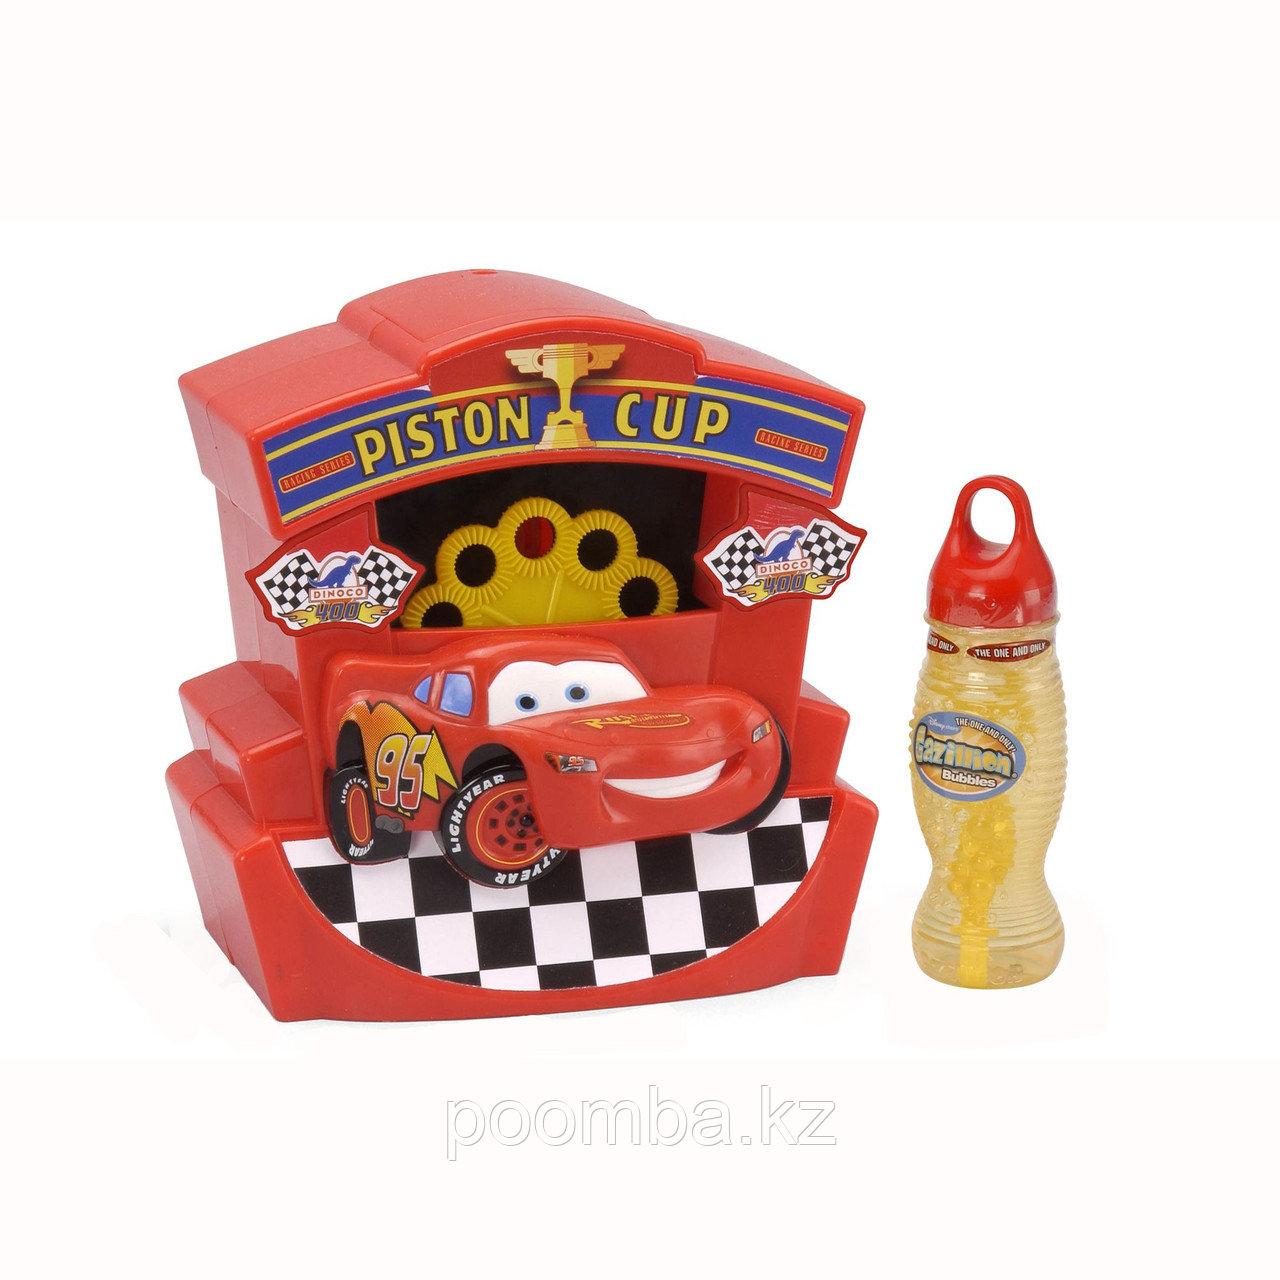 Бабл-машина с символикой Тачки. Мыльные пузыри.